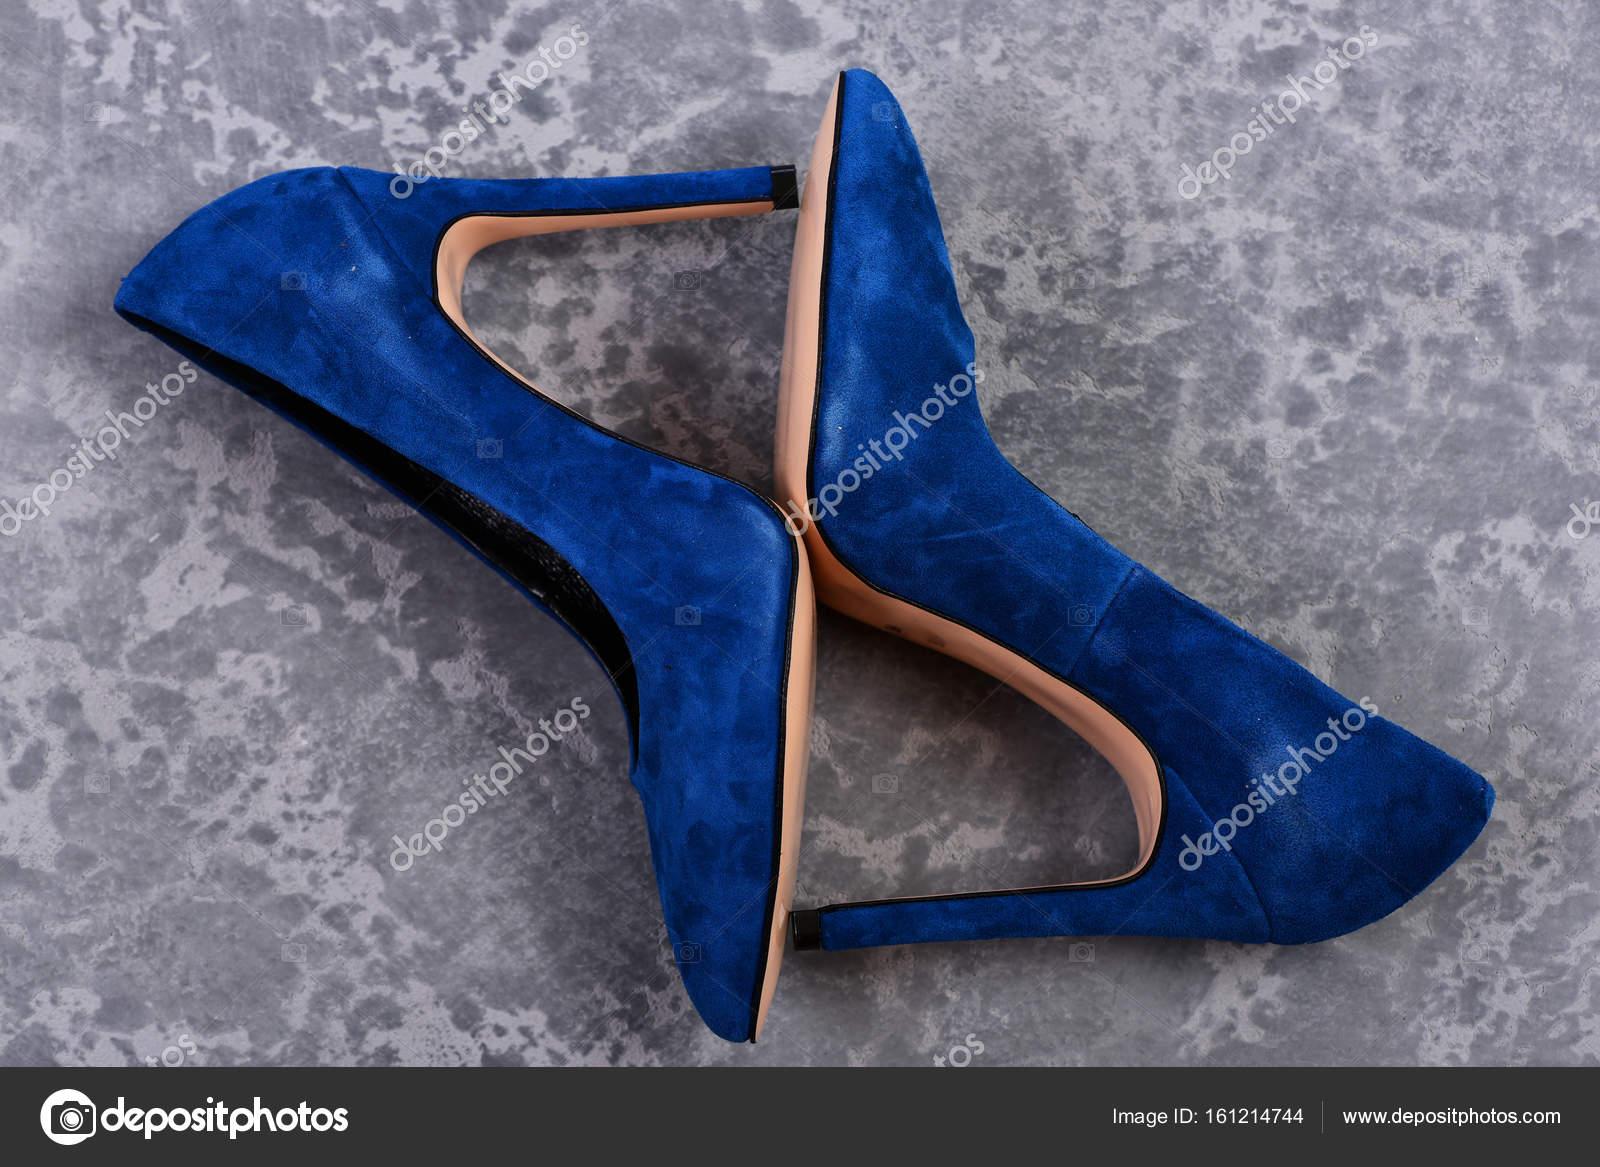 b9bd3f6d0ac Μπλε καστόρινα παπούτσια που απομονώνονται σε γκρι φόντο ...